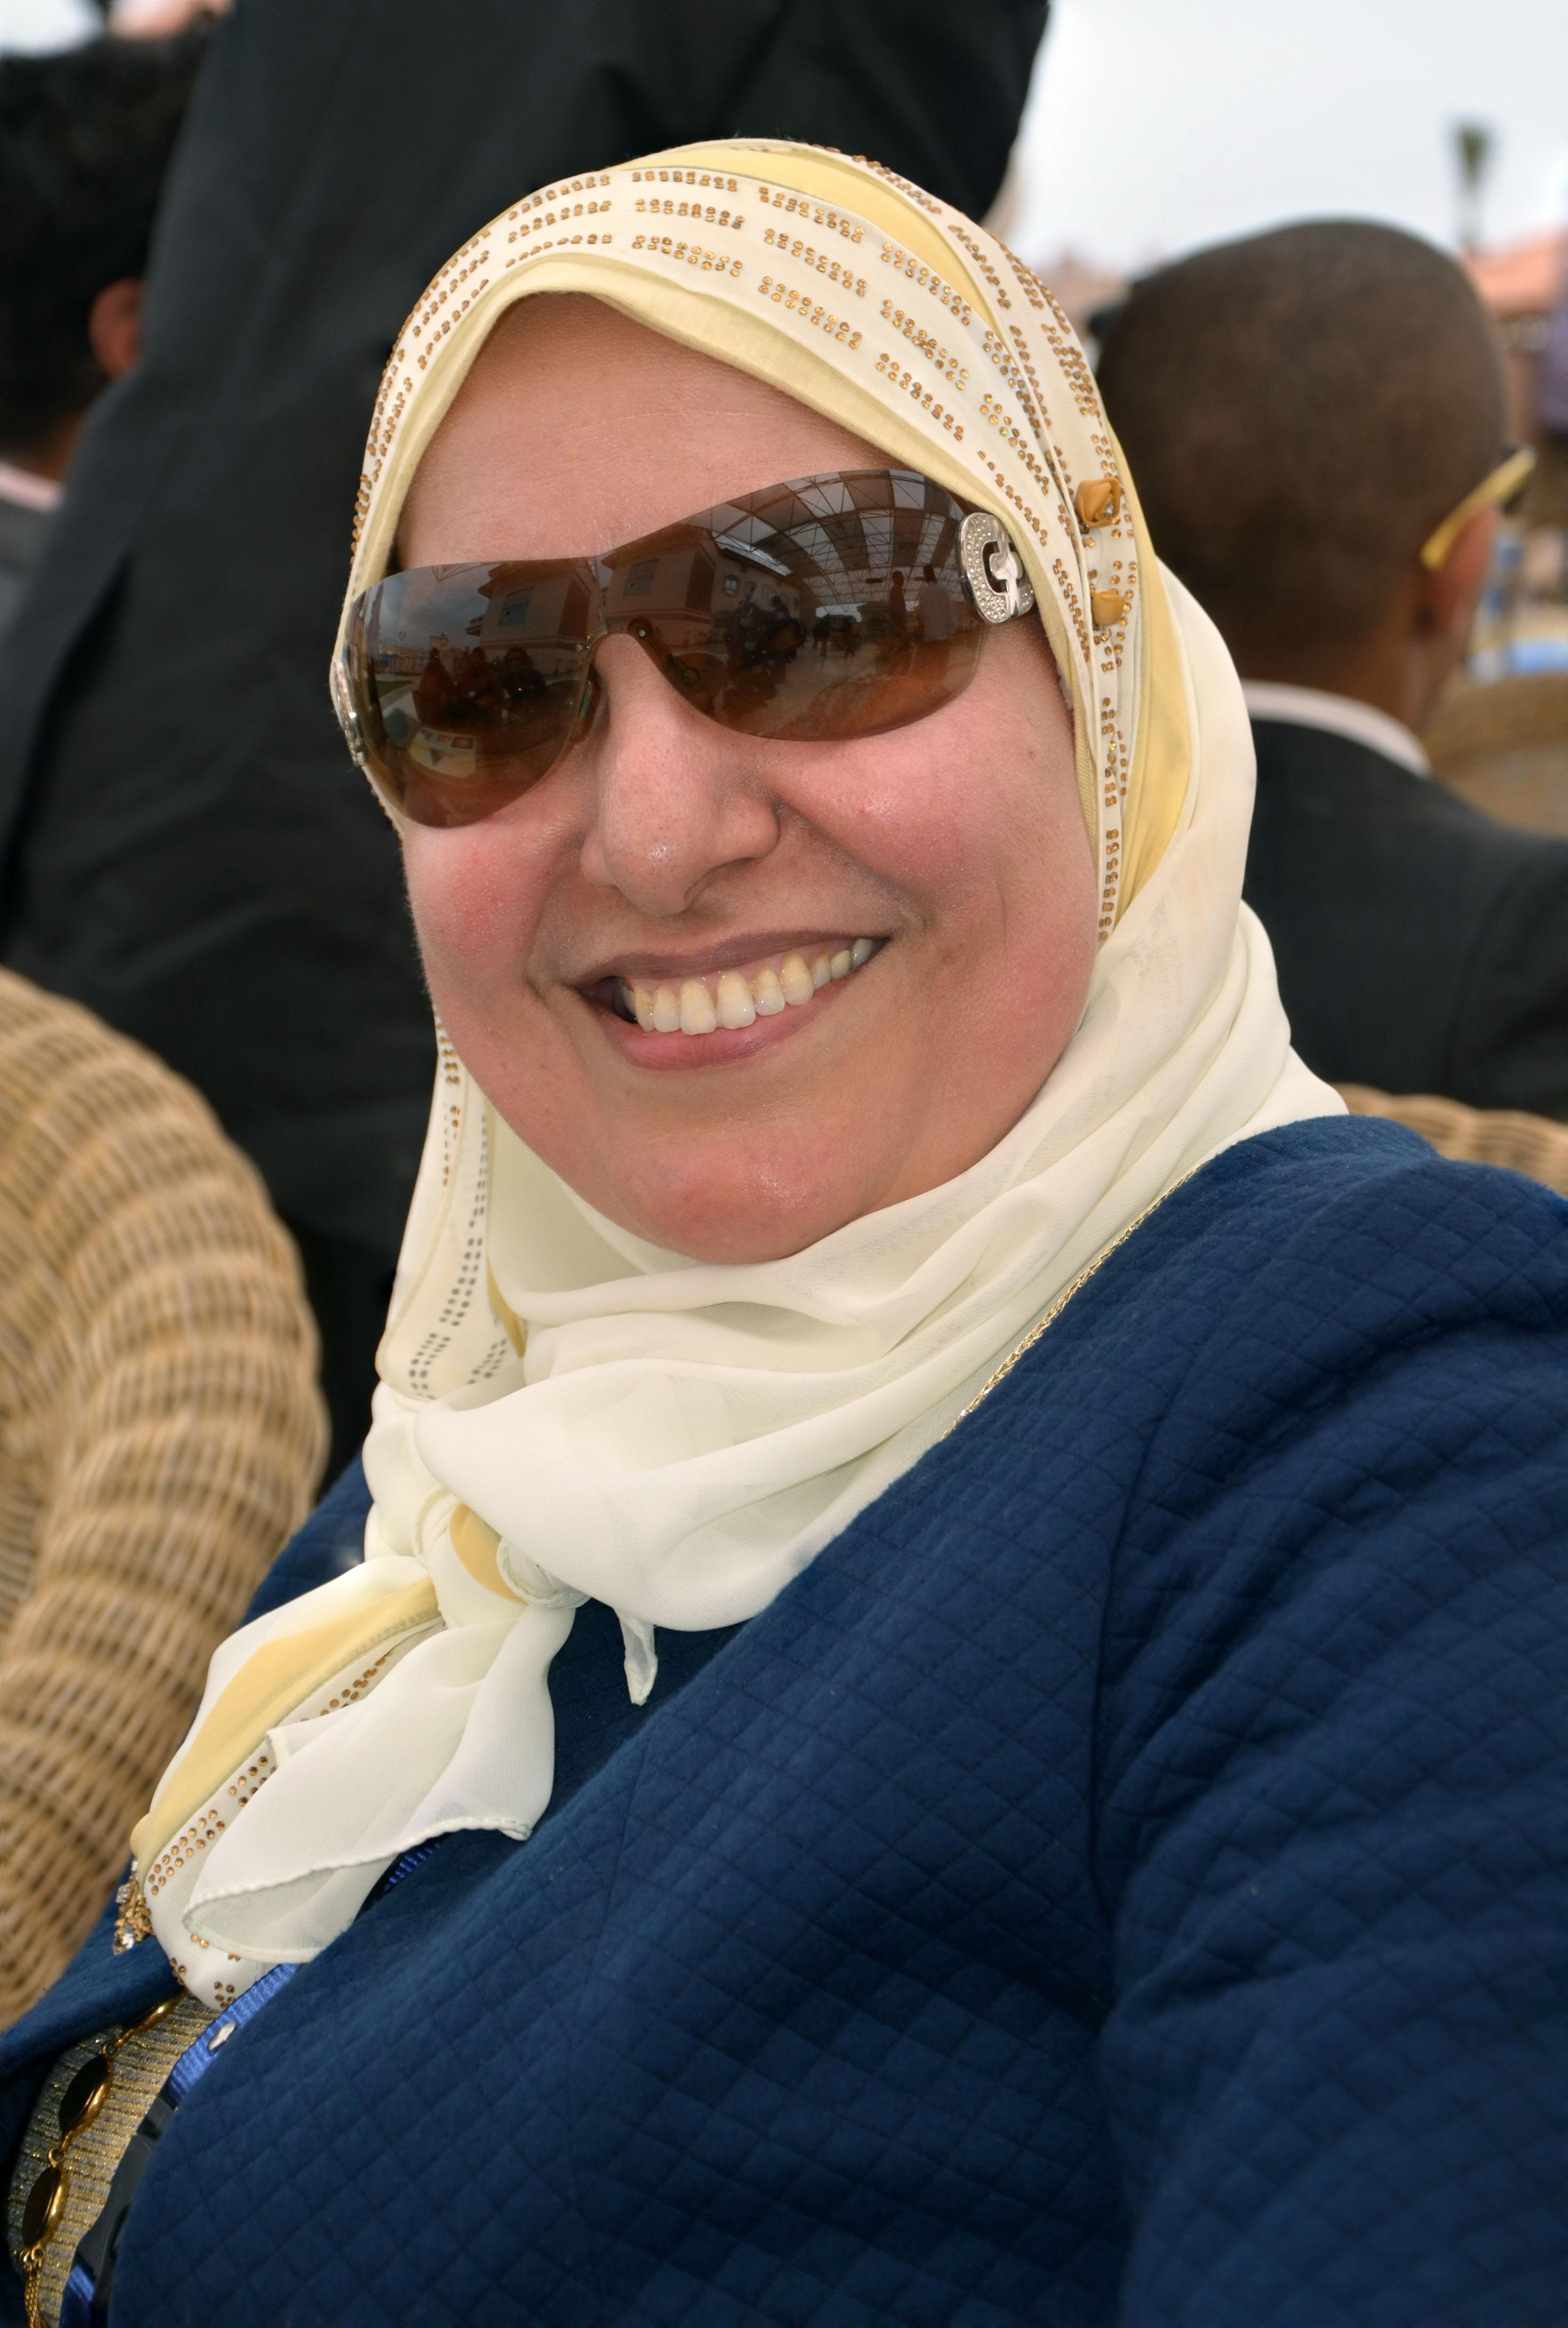 Prof. Amoura Mohamed Abou El- Naga